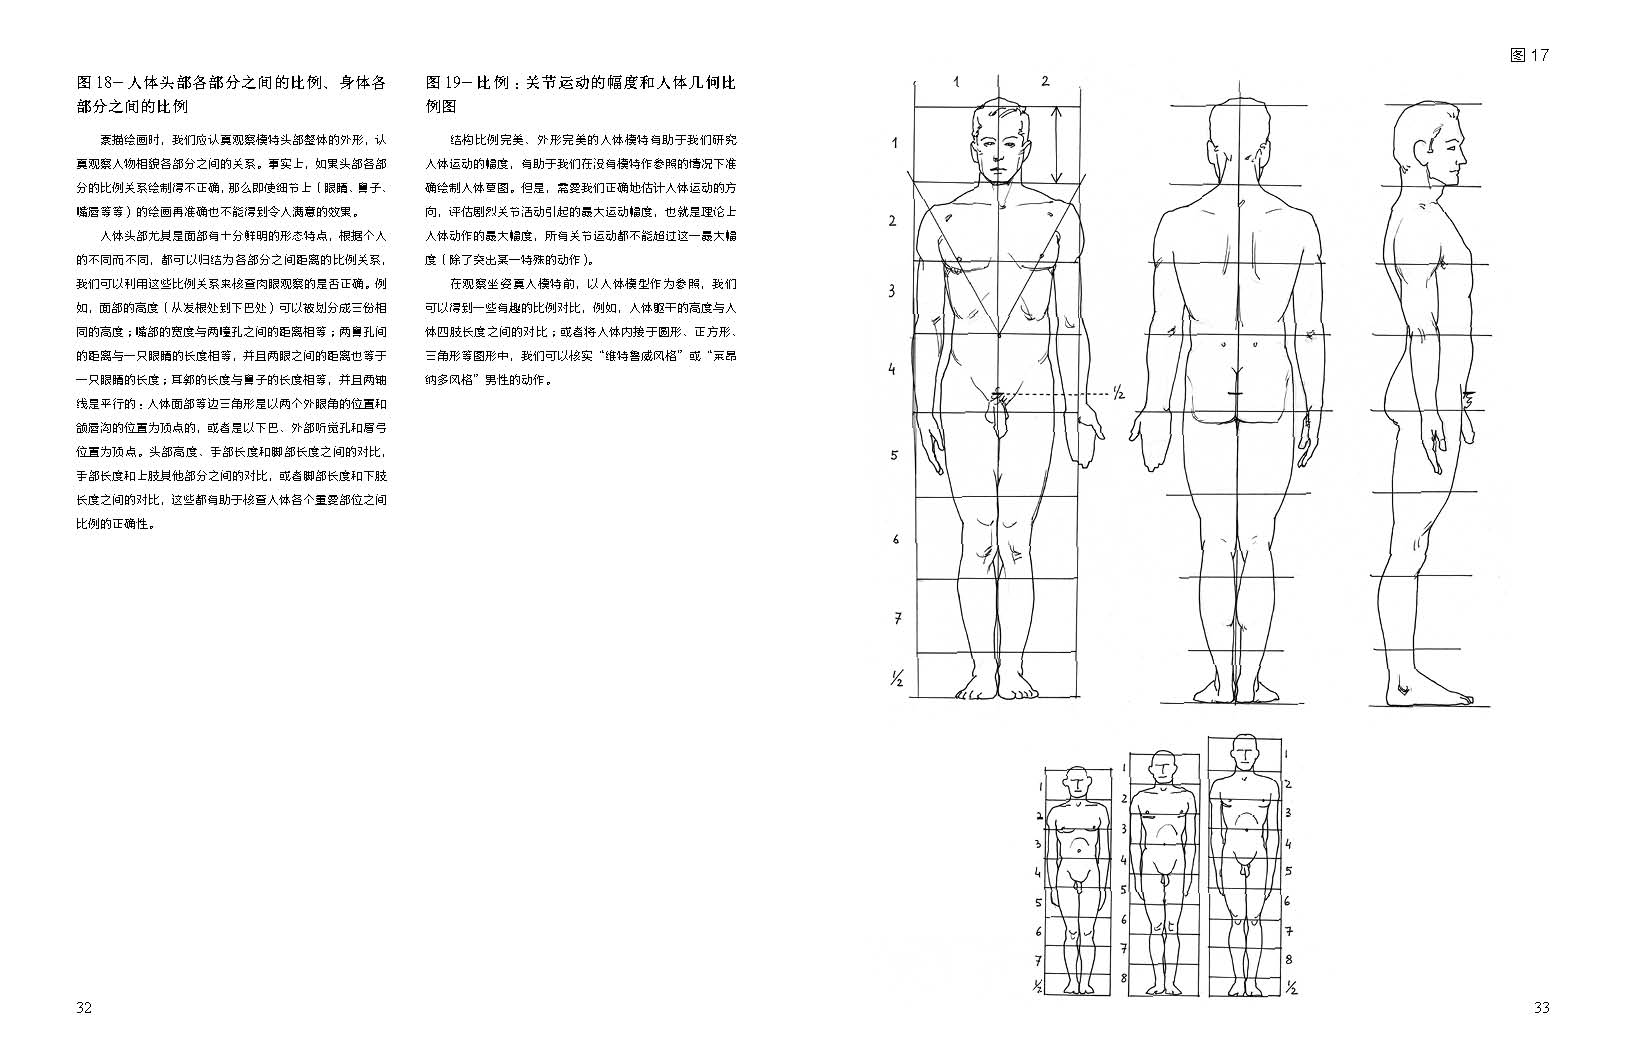 经典电子设计图